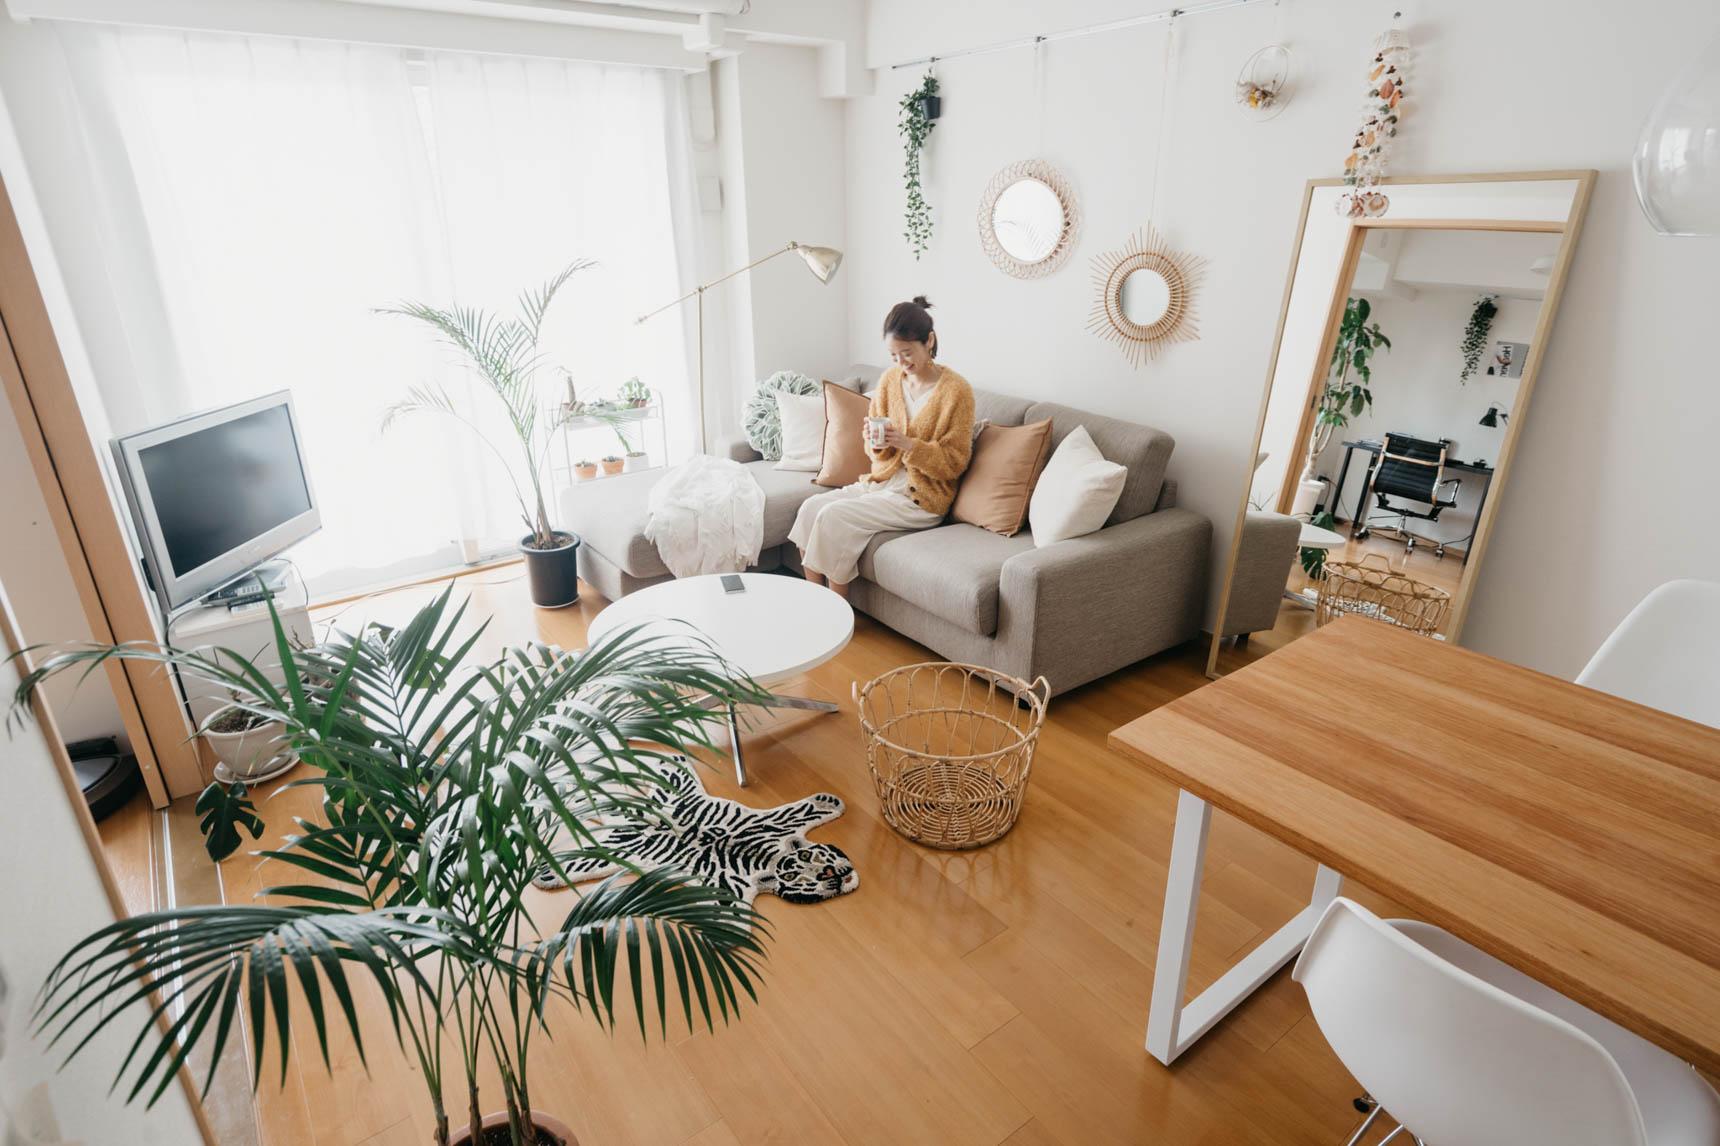 二人暮らしなら3シーター、カウチ付きのものを選ぶなど、ゆったりした座面のソファがくつろぐにはぴったり。 大きなソファは、座面が低く色味の明るいものを選べば圧迫感なく使えます。